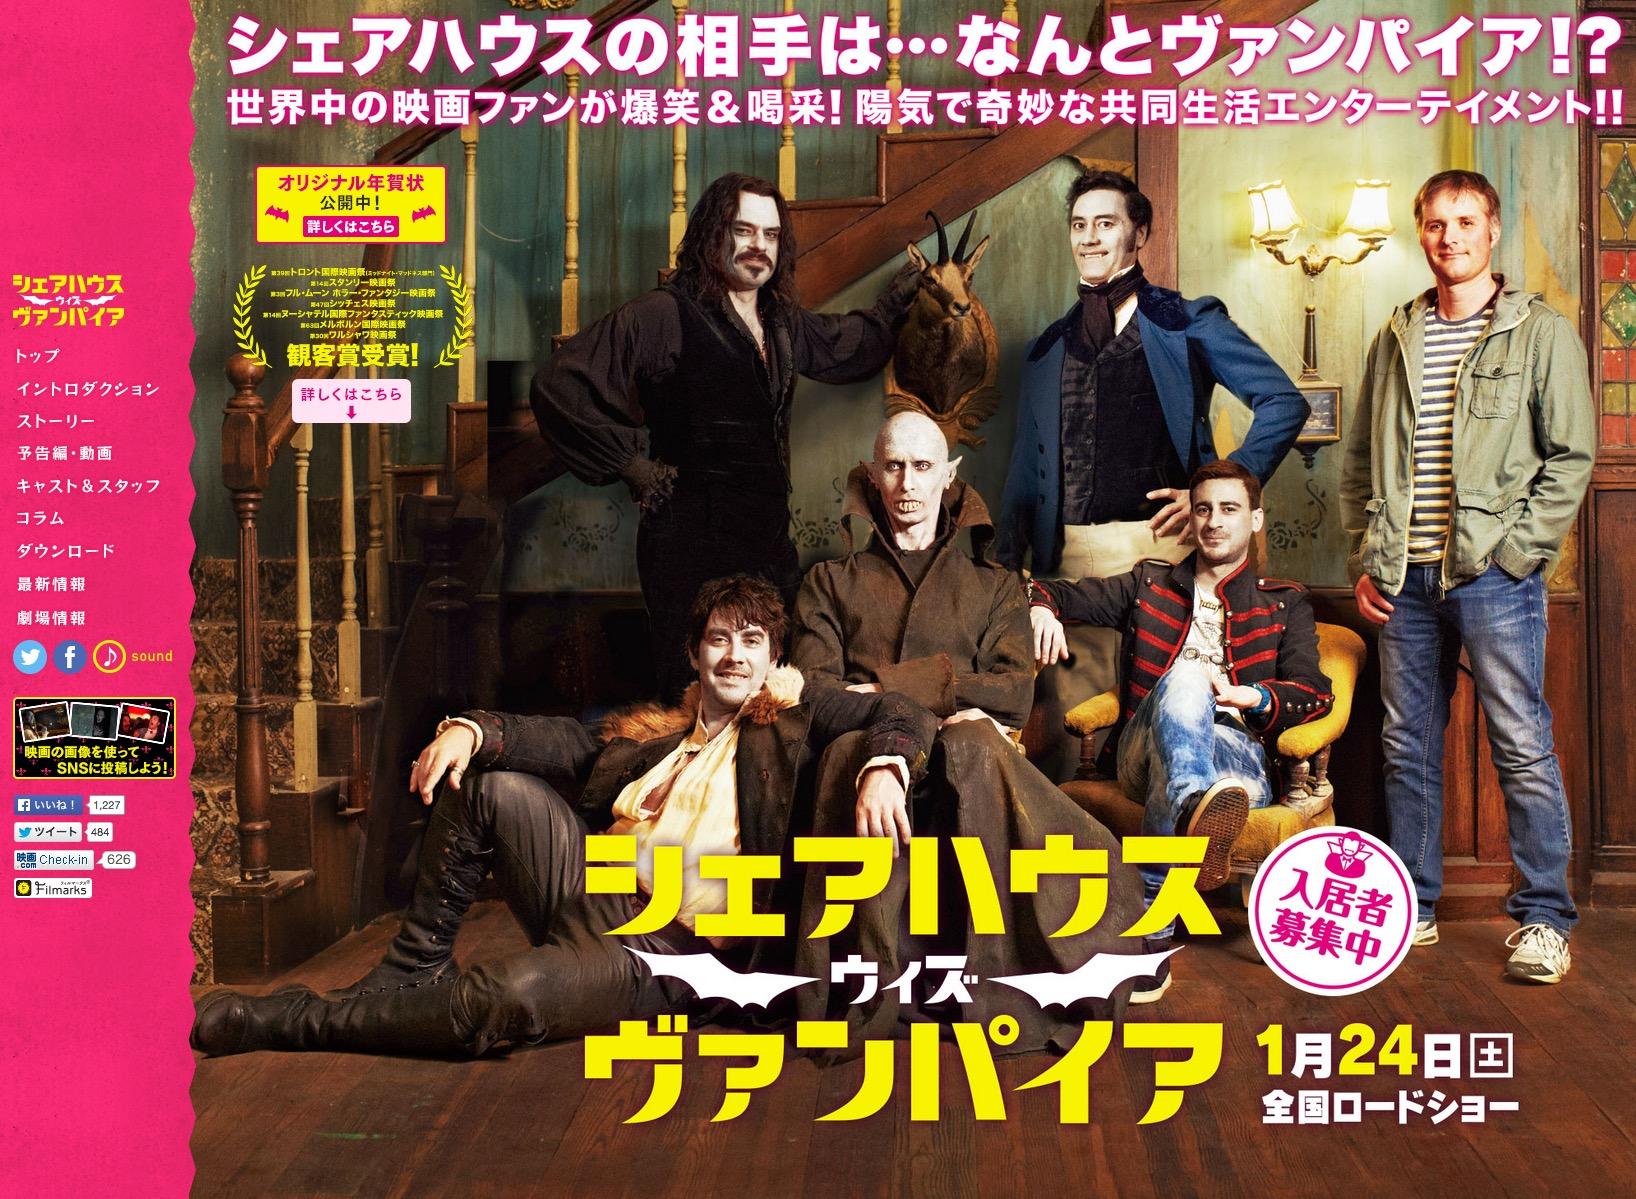 映画『シェアハウス・ウィズ・ヴァンパイア』オフィシャルサイト|2015.1.24(sat)入居開始!